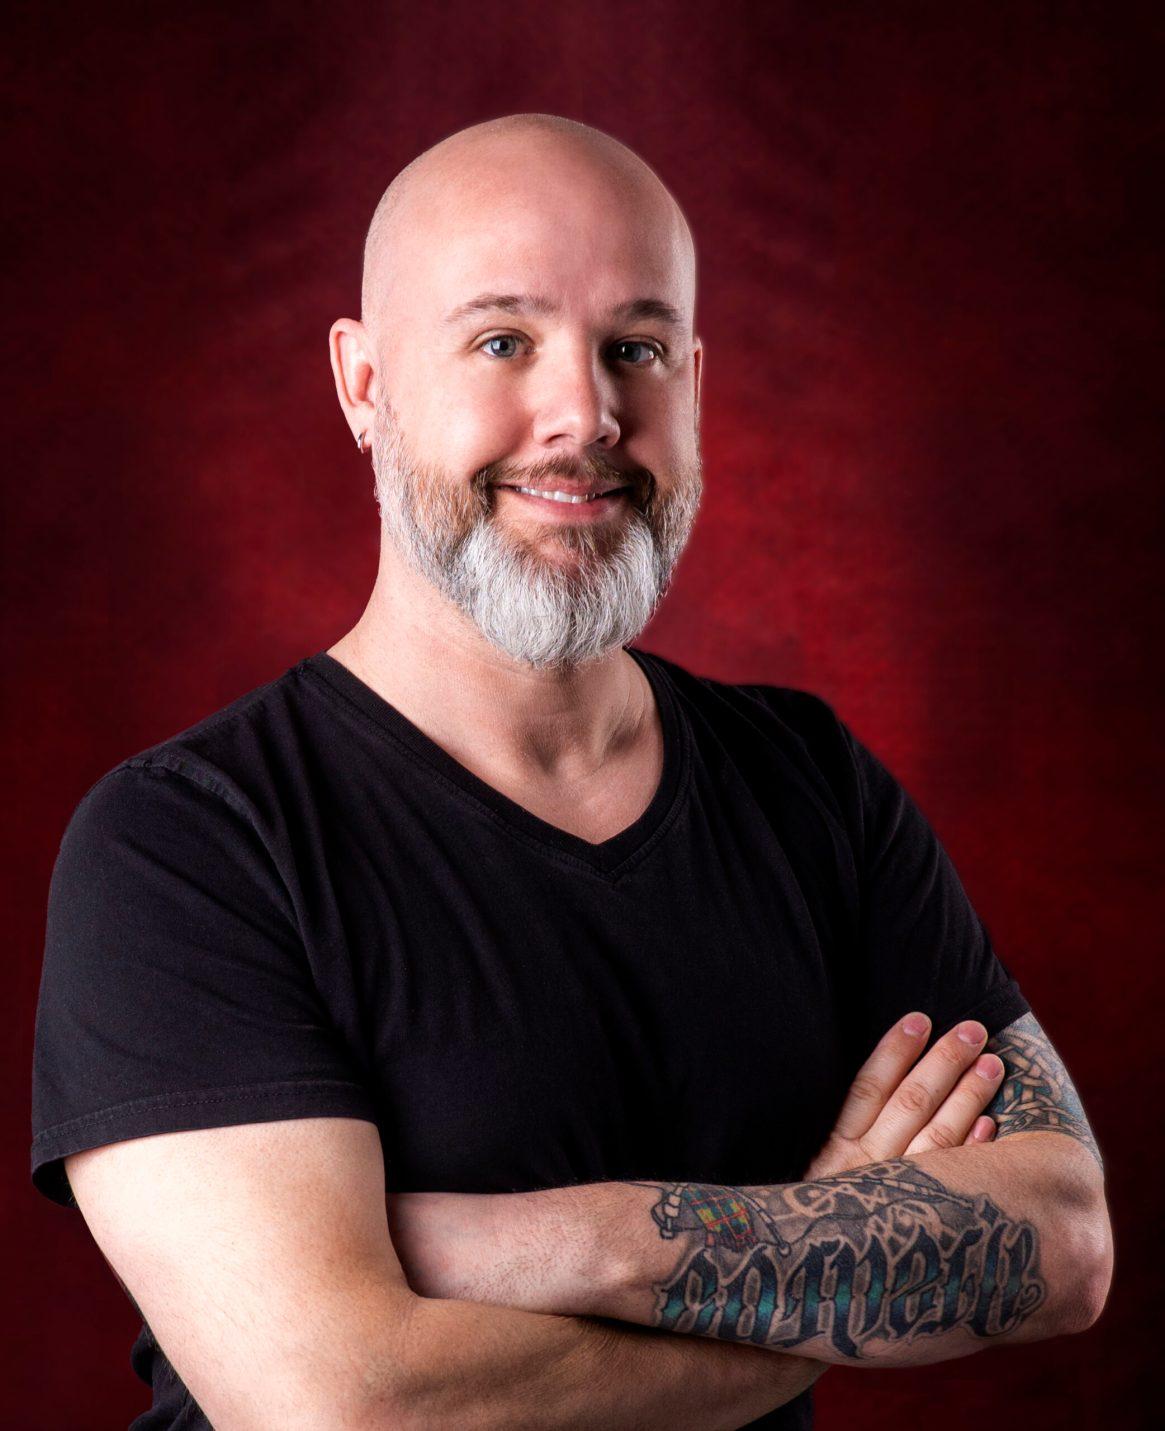 Scott Official Headshot 2021